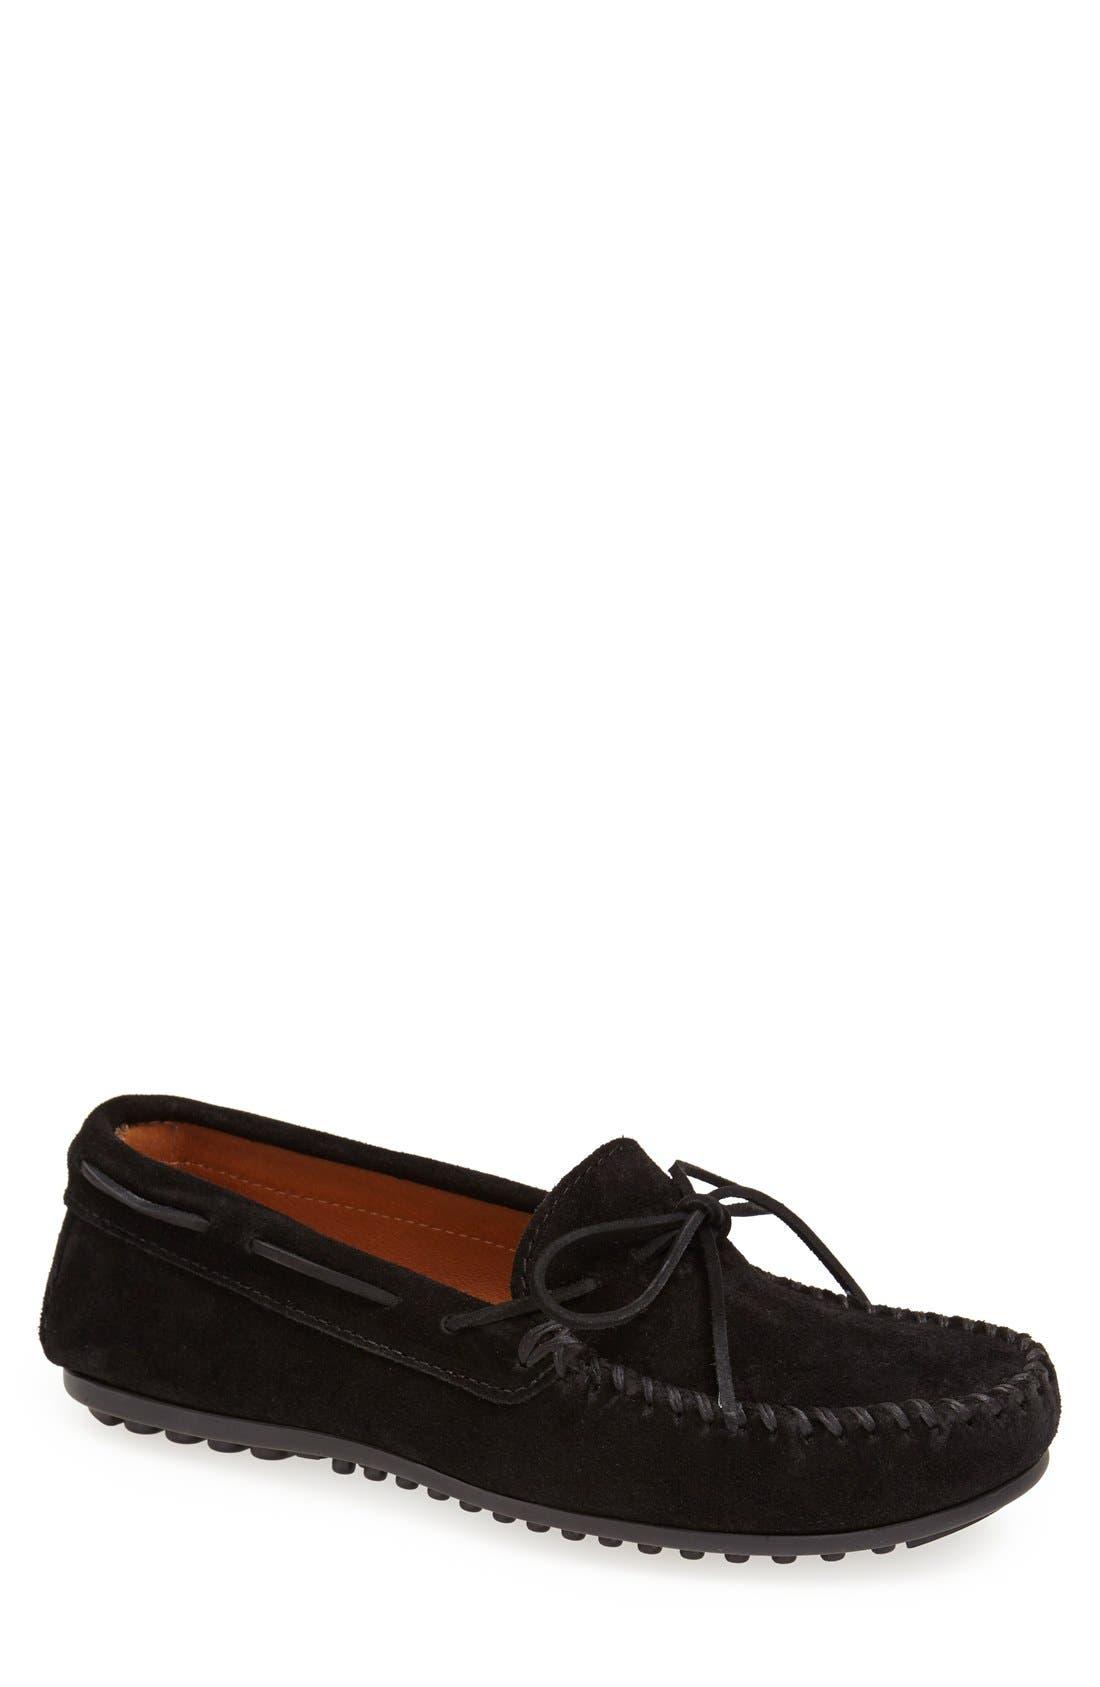 Suede Moccasin,                         Main,                         color, Black